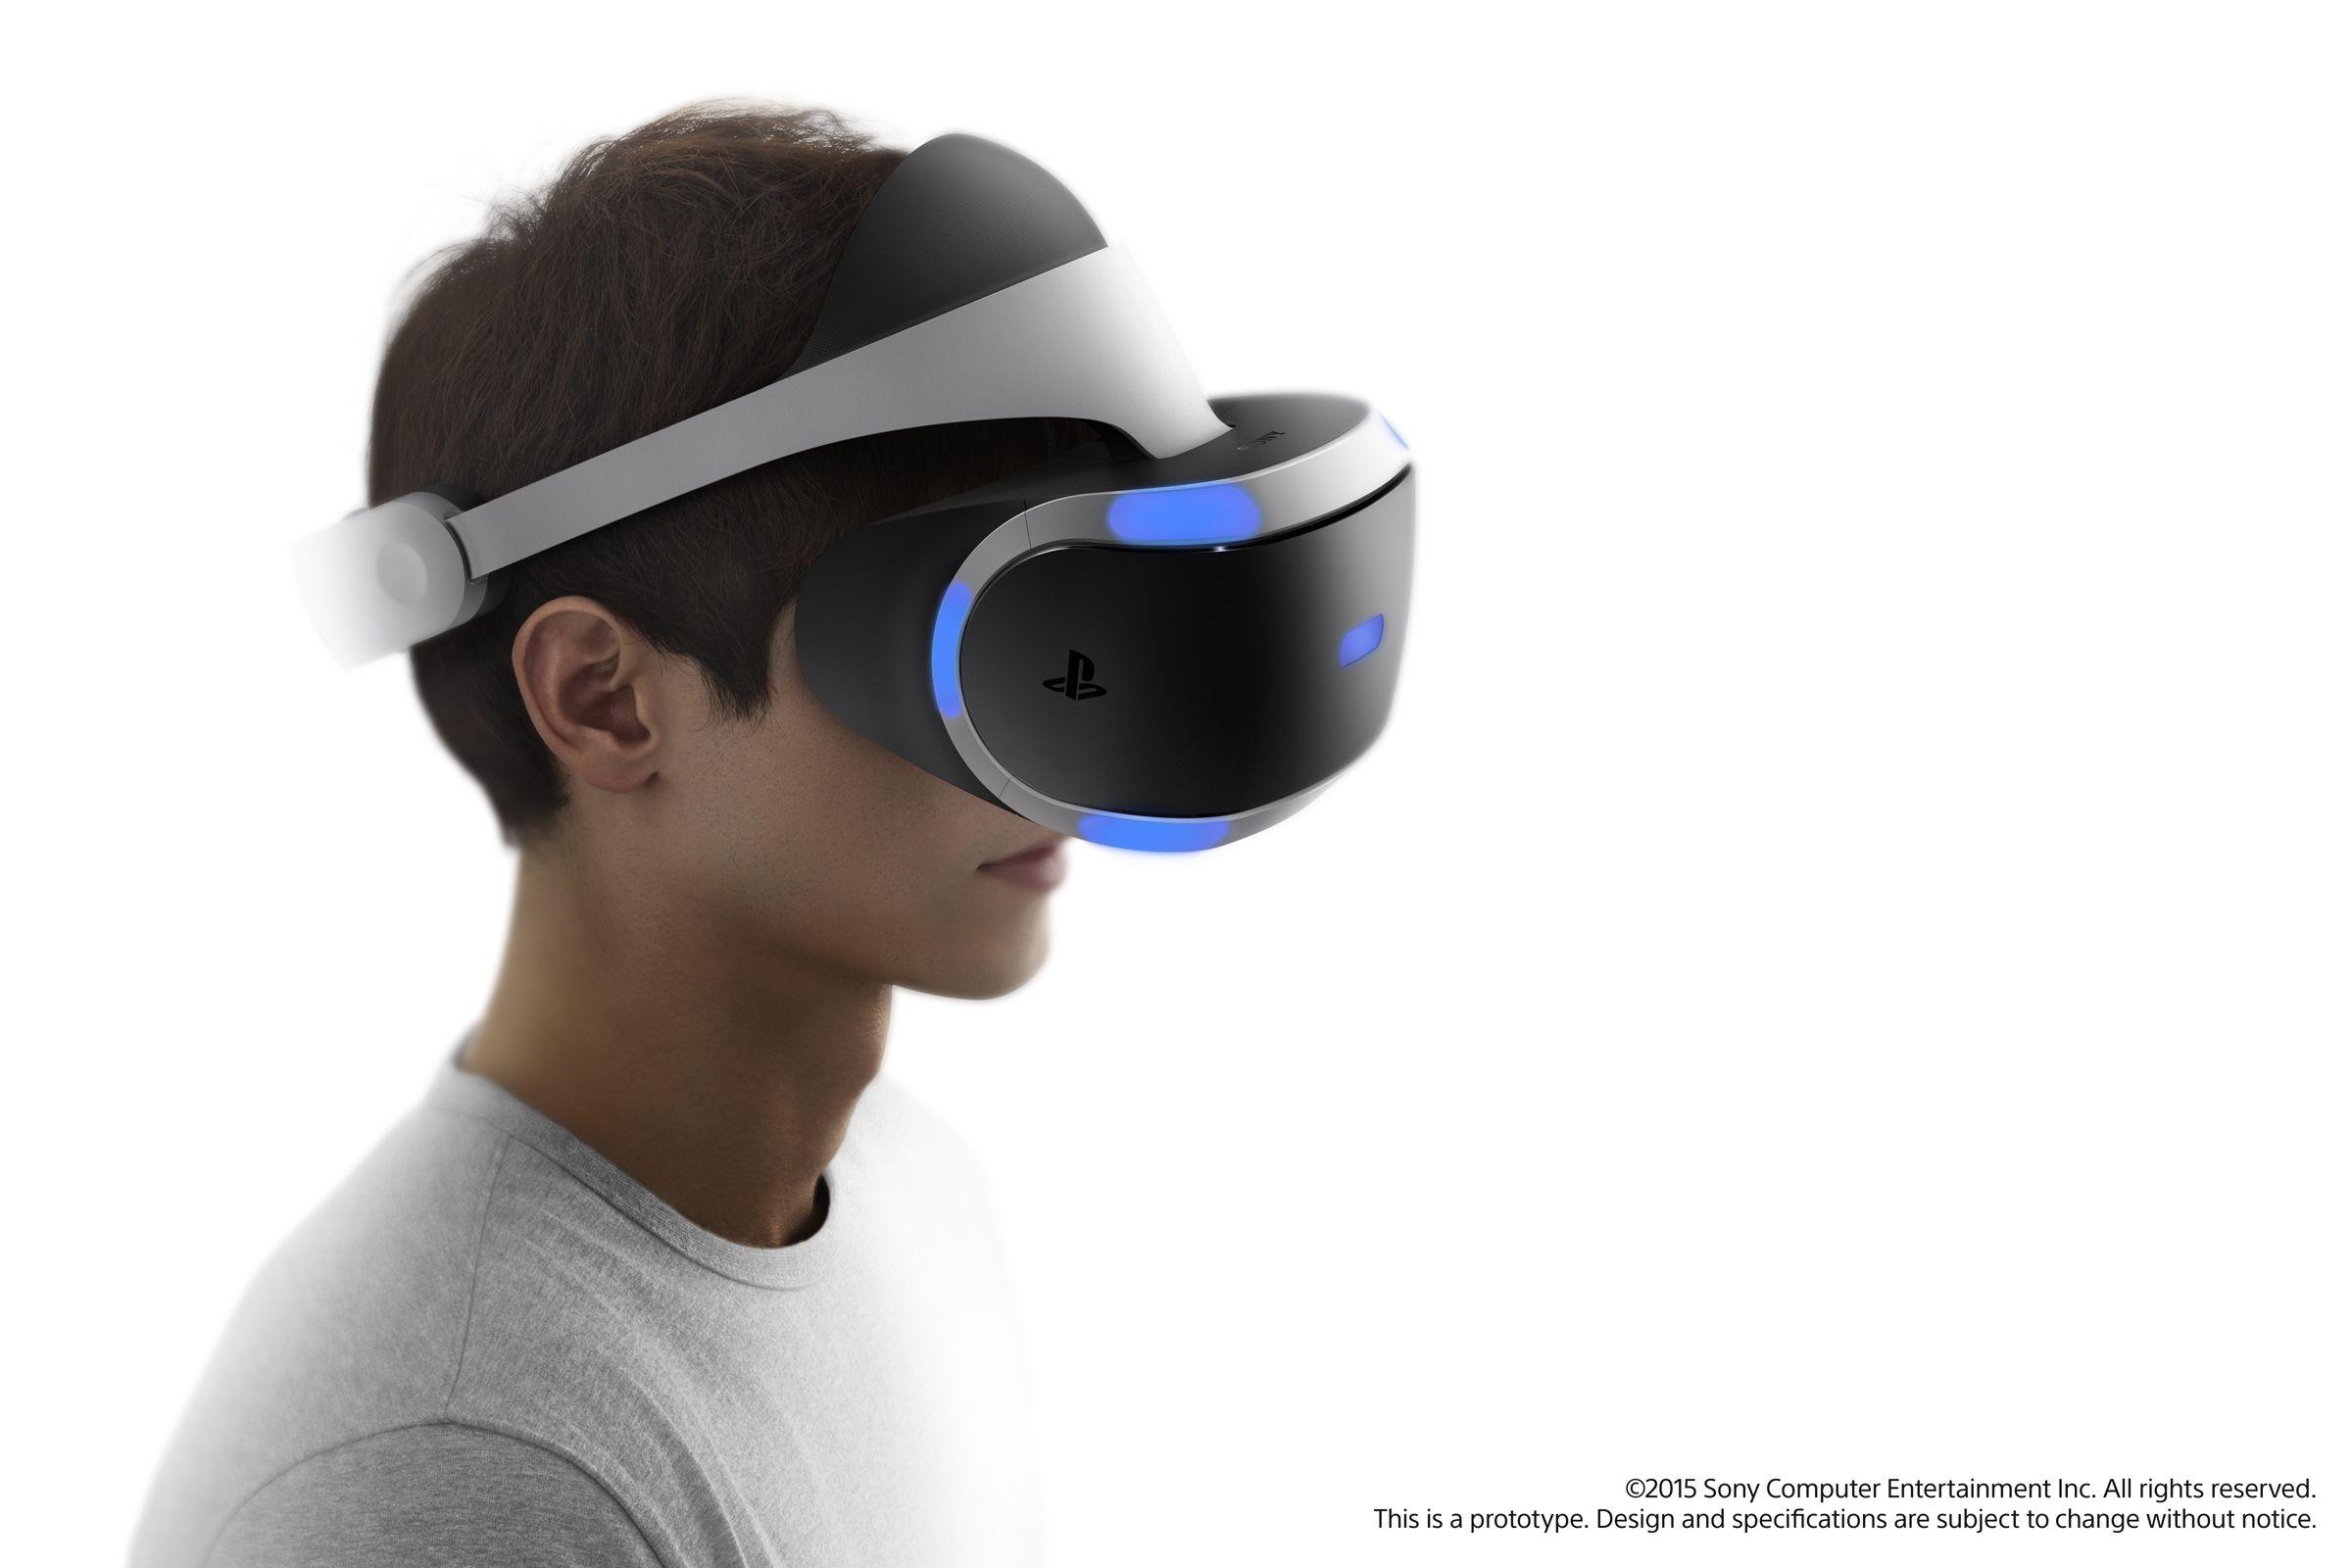 Le Sony PlayStation VR n'est pas sorti, mais certains croient déjà connaître son prix